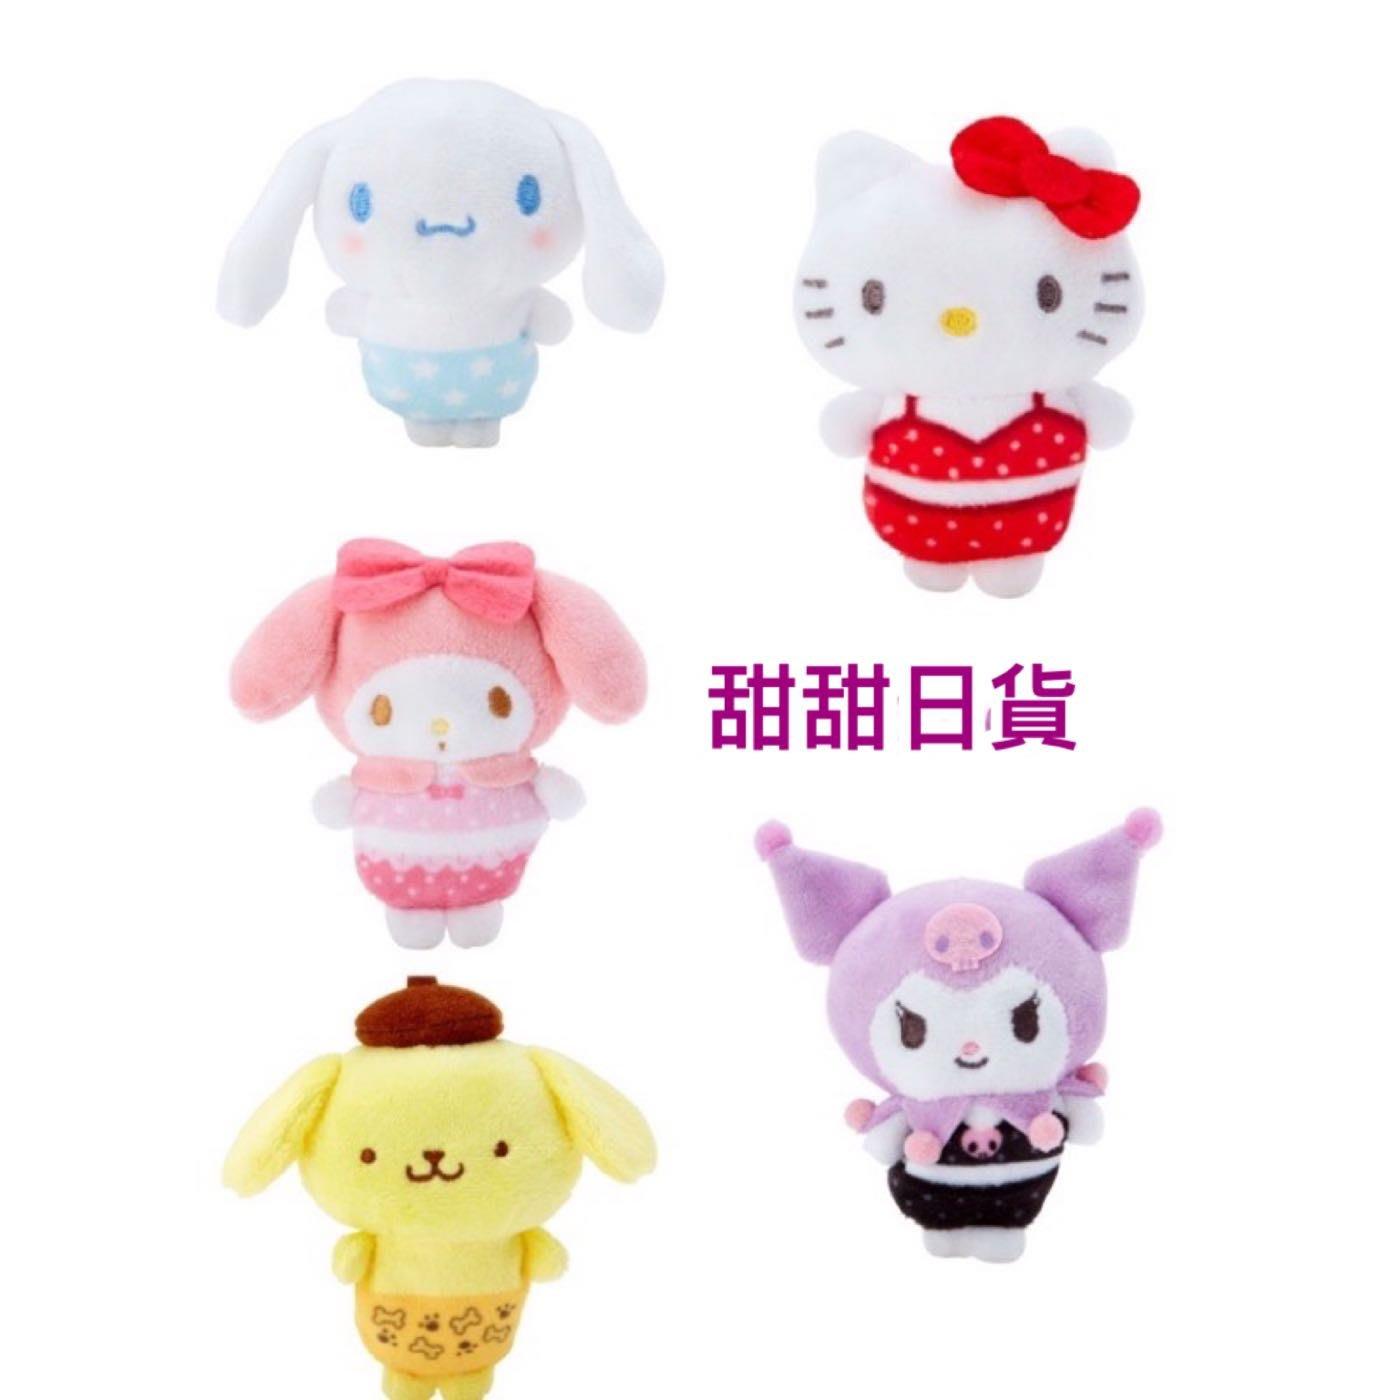 【甜甜日貨】日本正版→三麗鷗Kitty凱蒂貓 美樂蒂 酷企鵝 大耳狗 酷洛米 手掌娃娃掌心娃娃 第二彈